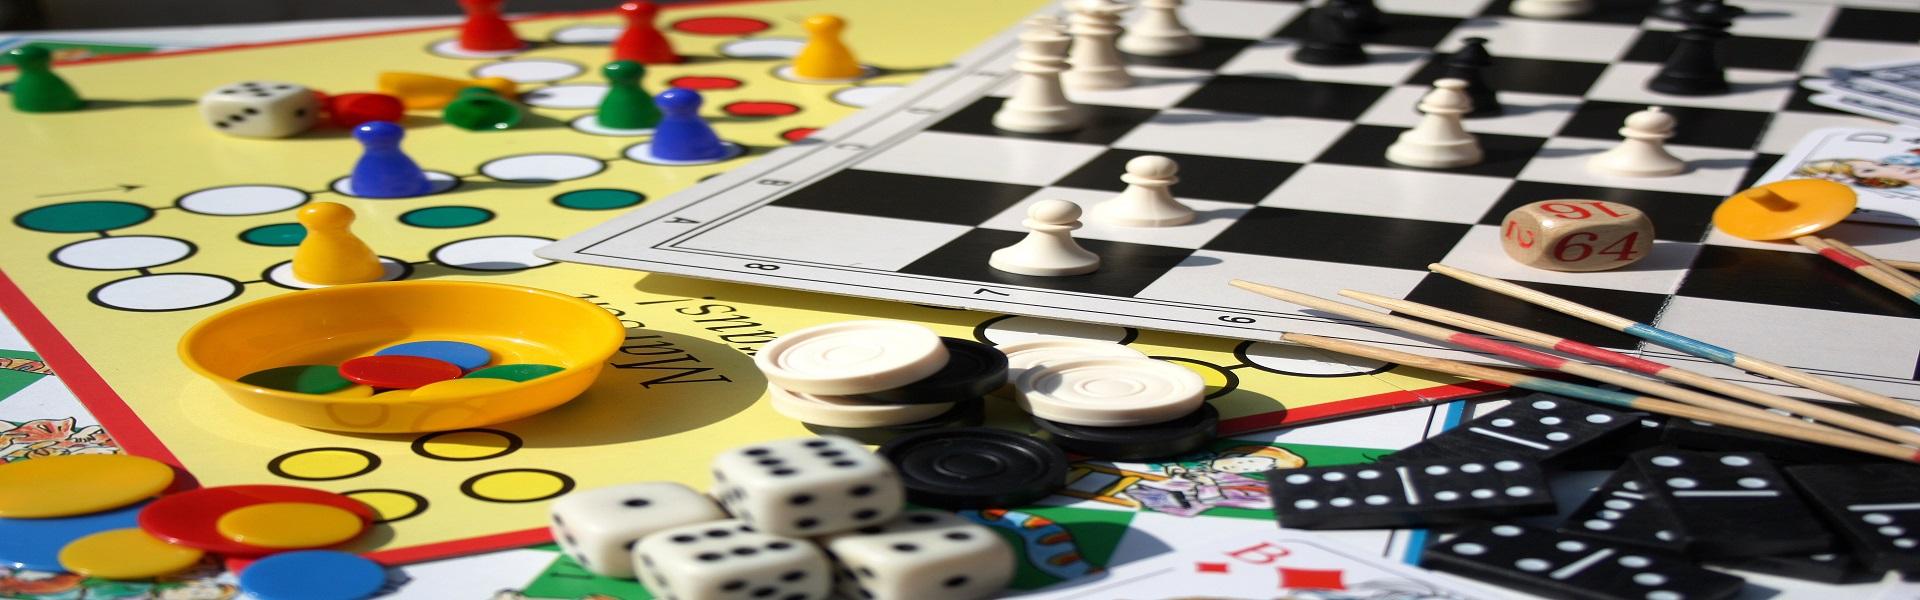 Caratteristiche di un gioco da tavolo